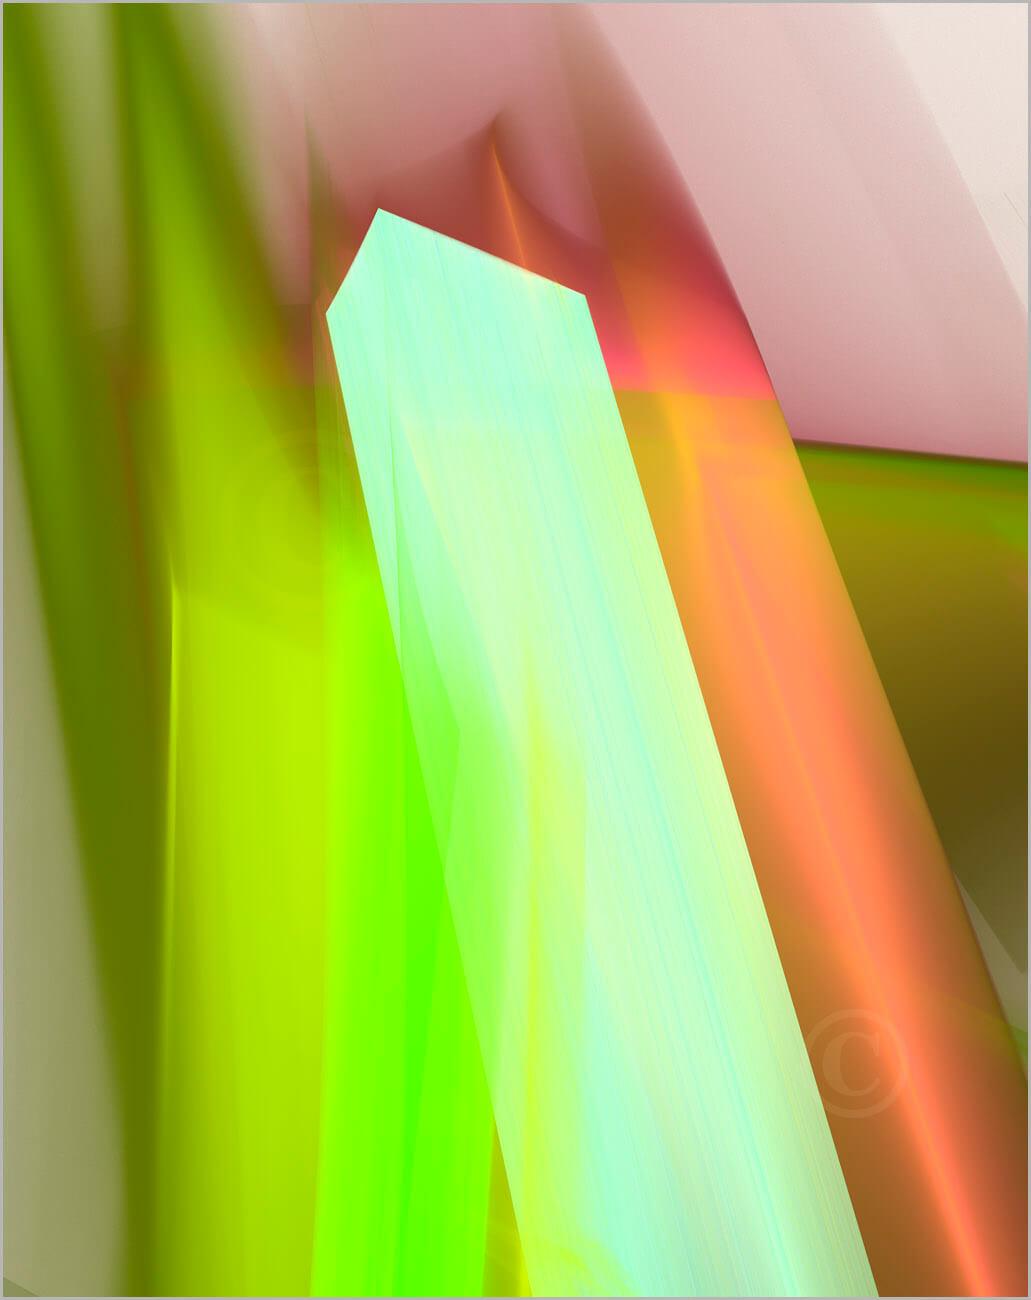 Colorshapes_F2_2819_L